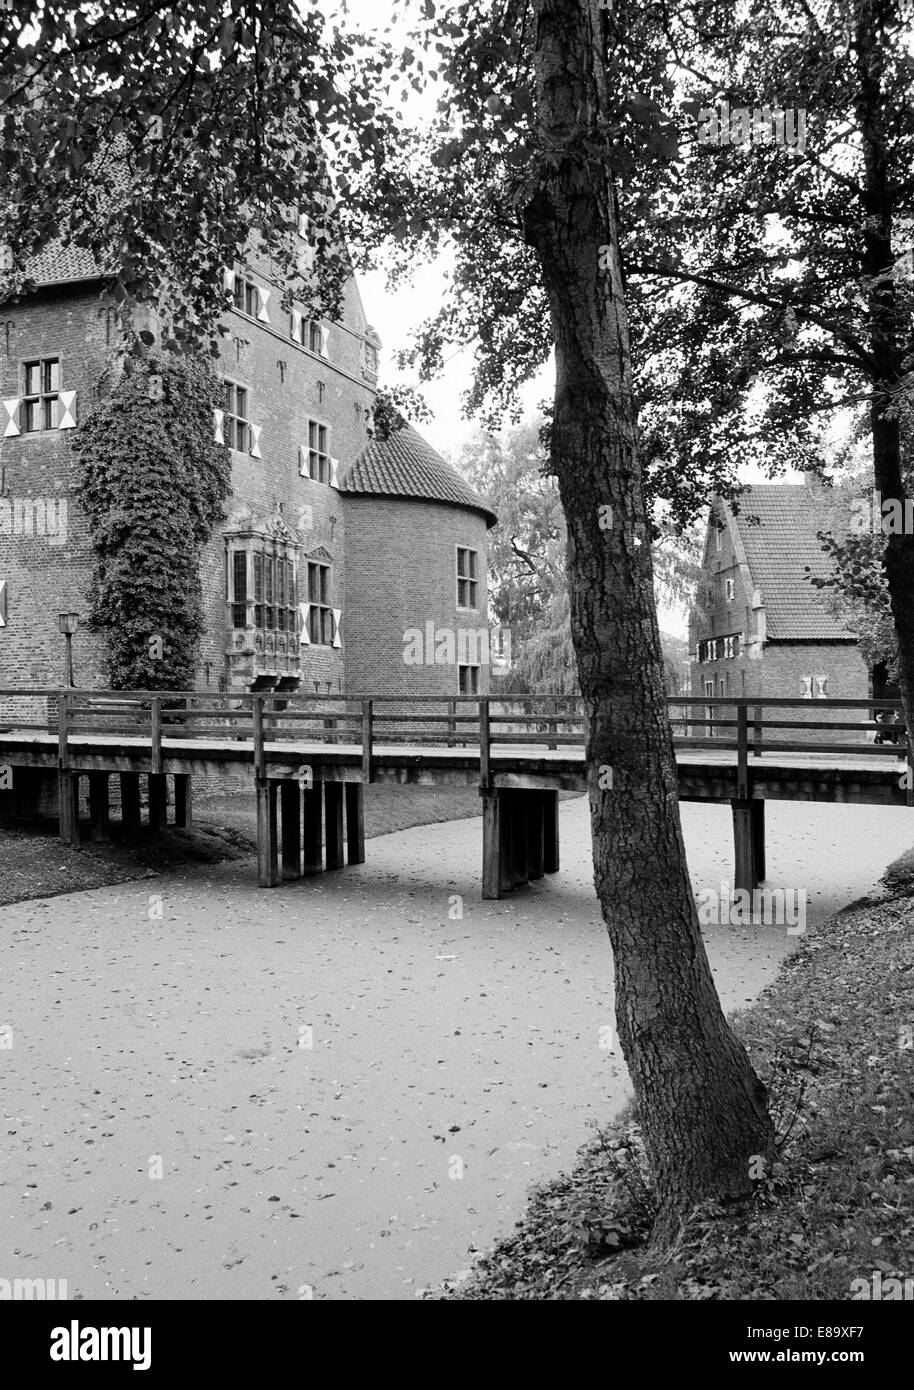 Achtziger Jahre, Wasserschloss in Raesfeld, Naturpark Hohe Mark-Westmuensterland, Niederrhein, Nordrhein-Westfalen - Stock Image